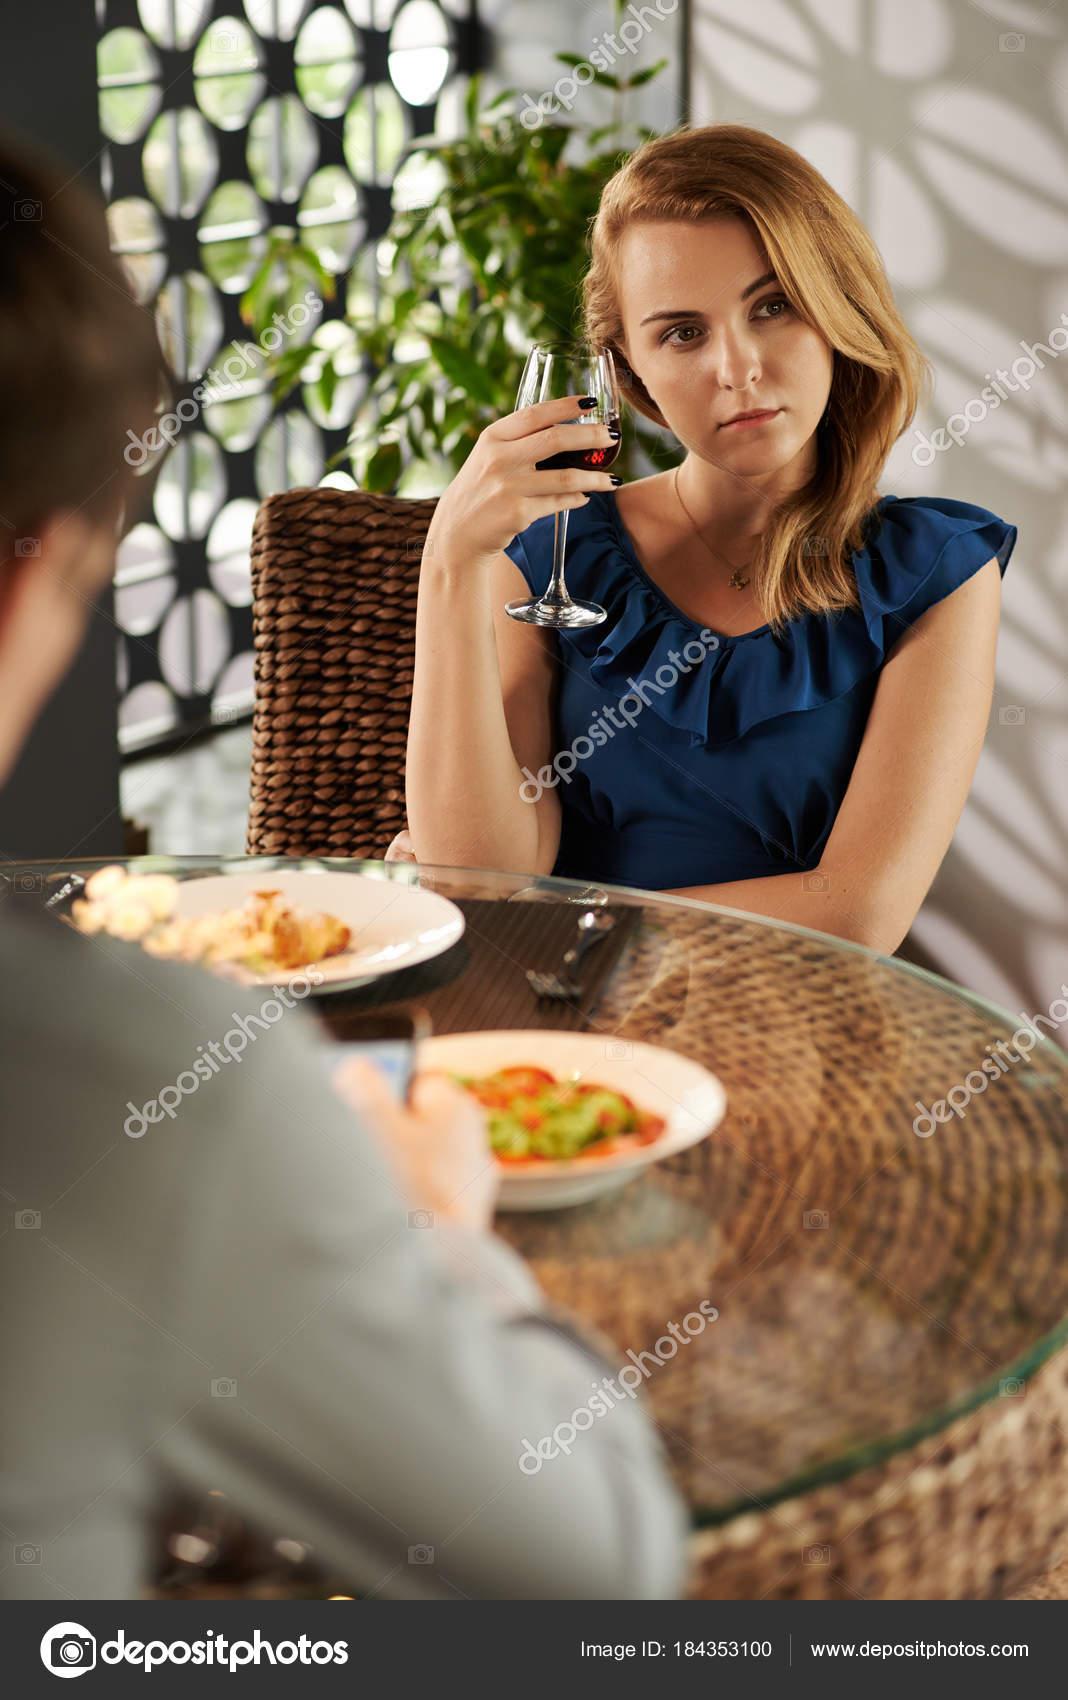 Ανύπαντρης κυρίες για dating στο Λάγκος